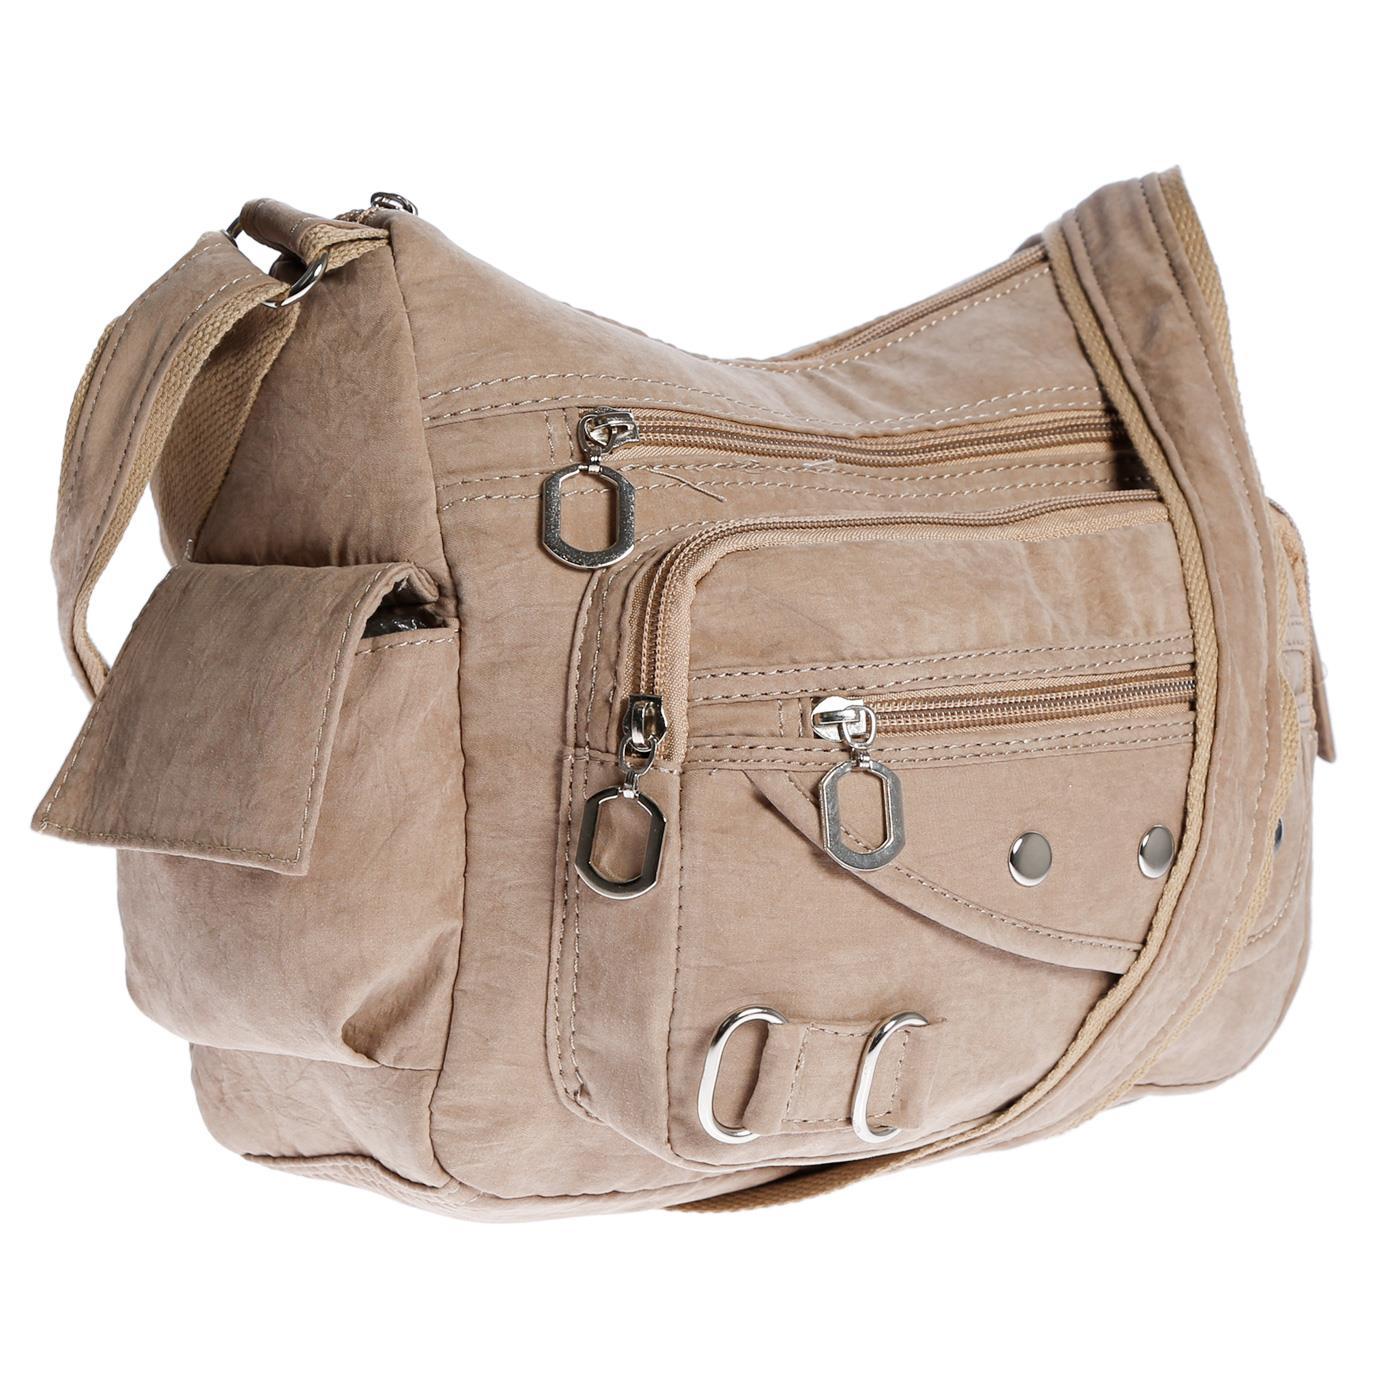 Damenhandtasche-Schultertasche-Tasche-Umhaengetasche-Canvas-Shopper-Crossover-Bag Indexbild 31